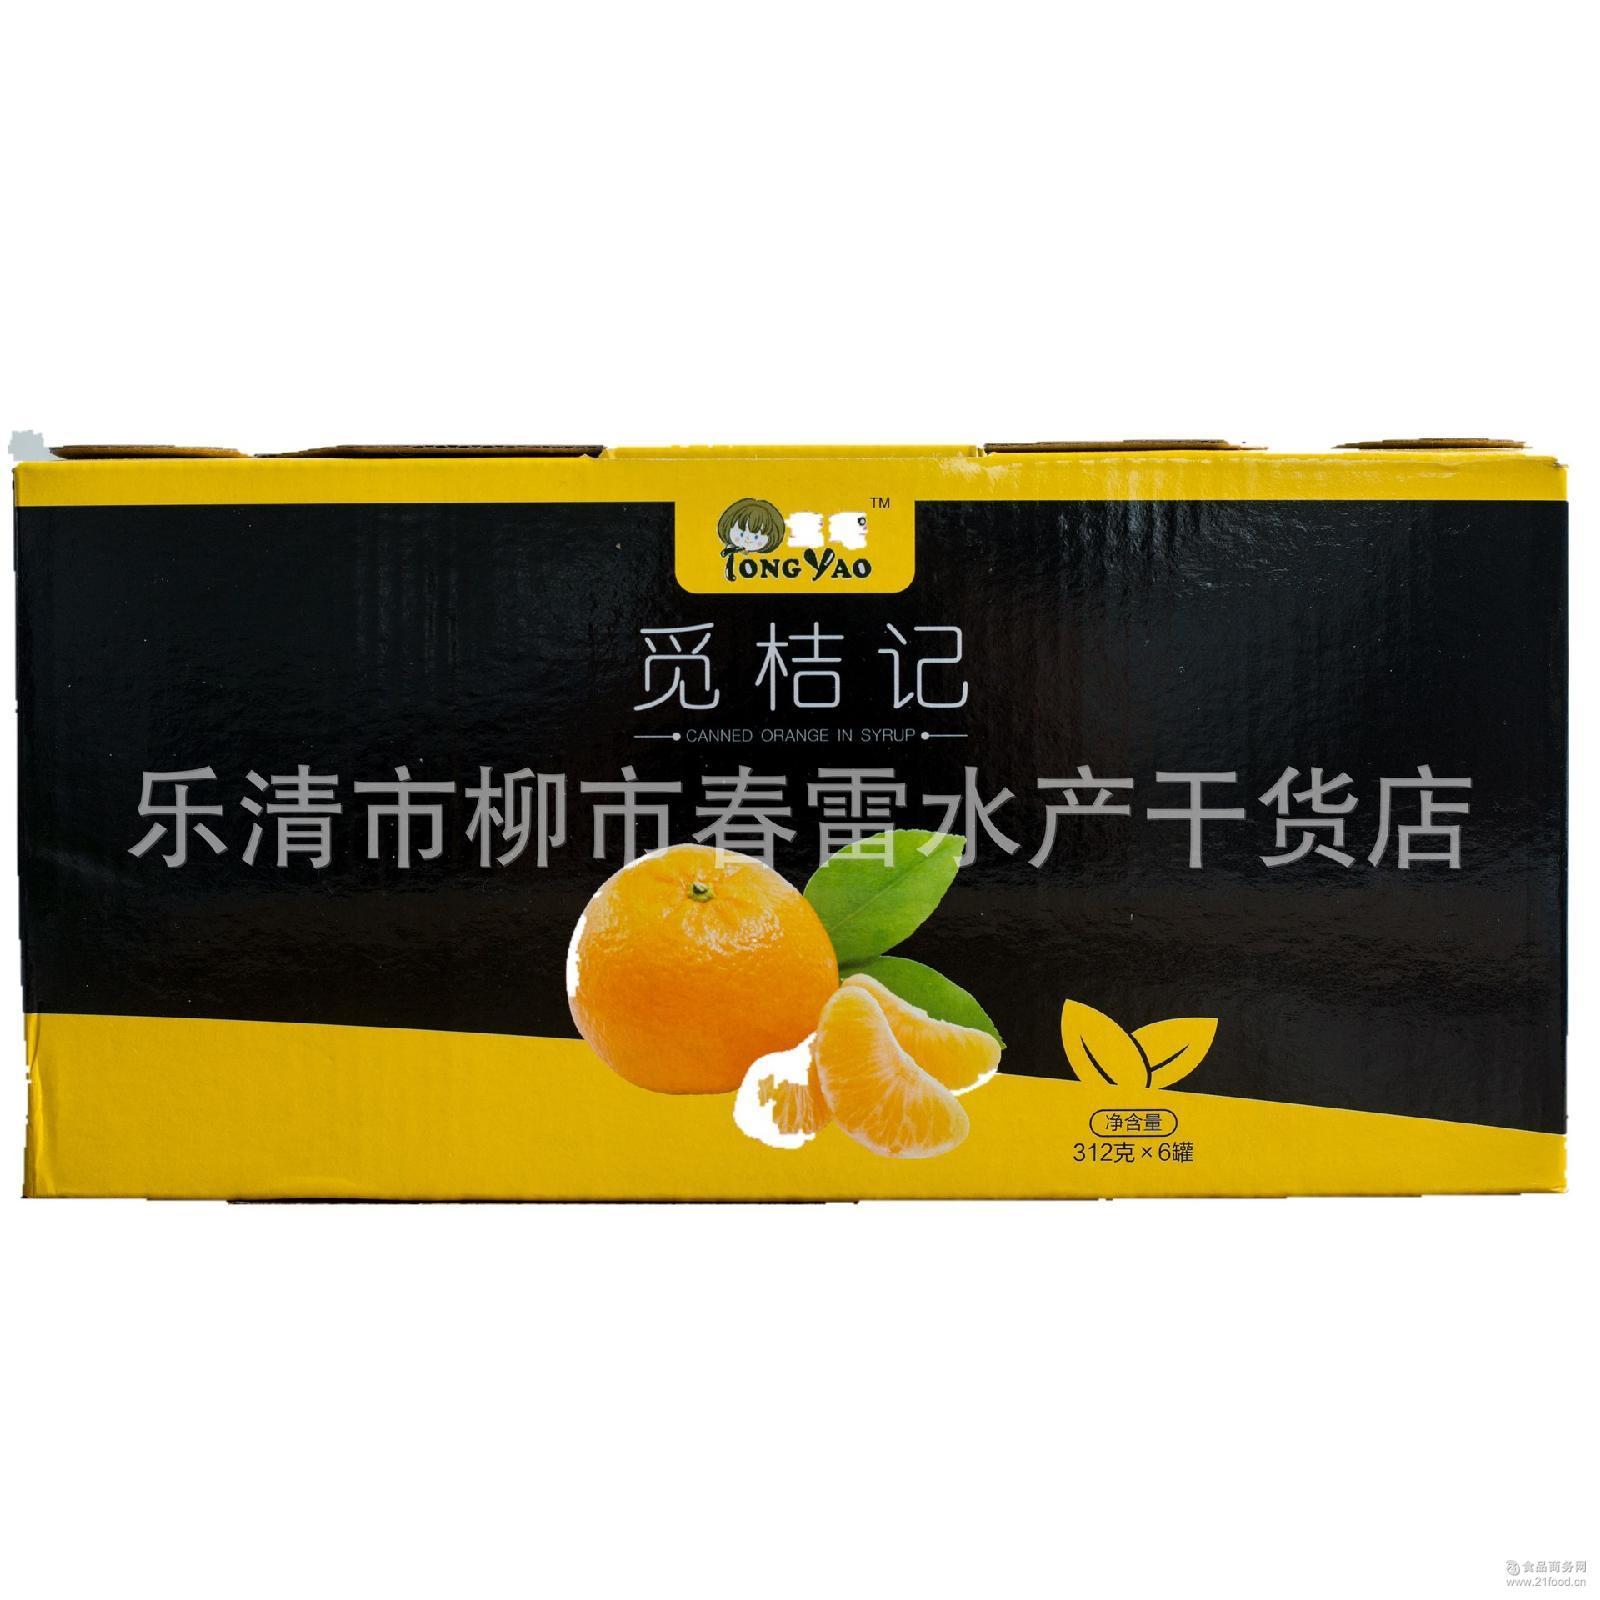 童瑶桔子厂家 黄桃橘子罐头批发水果对开312g6瓶装微商新品